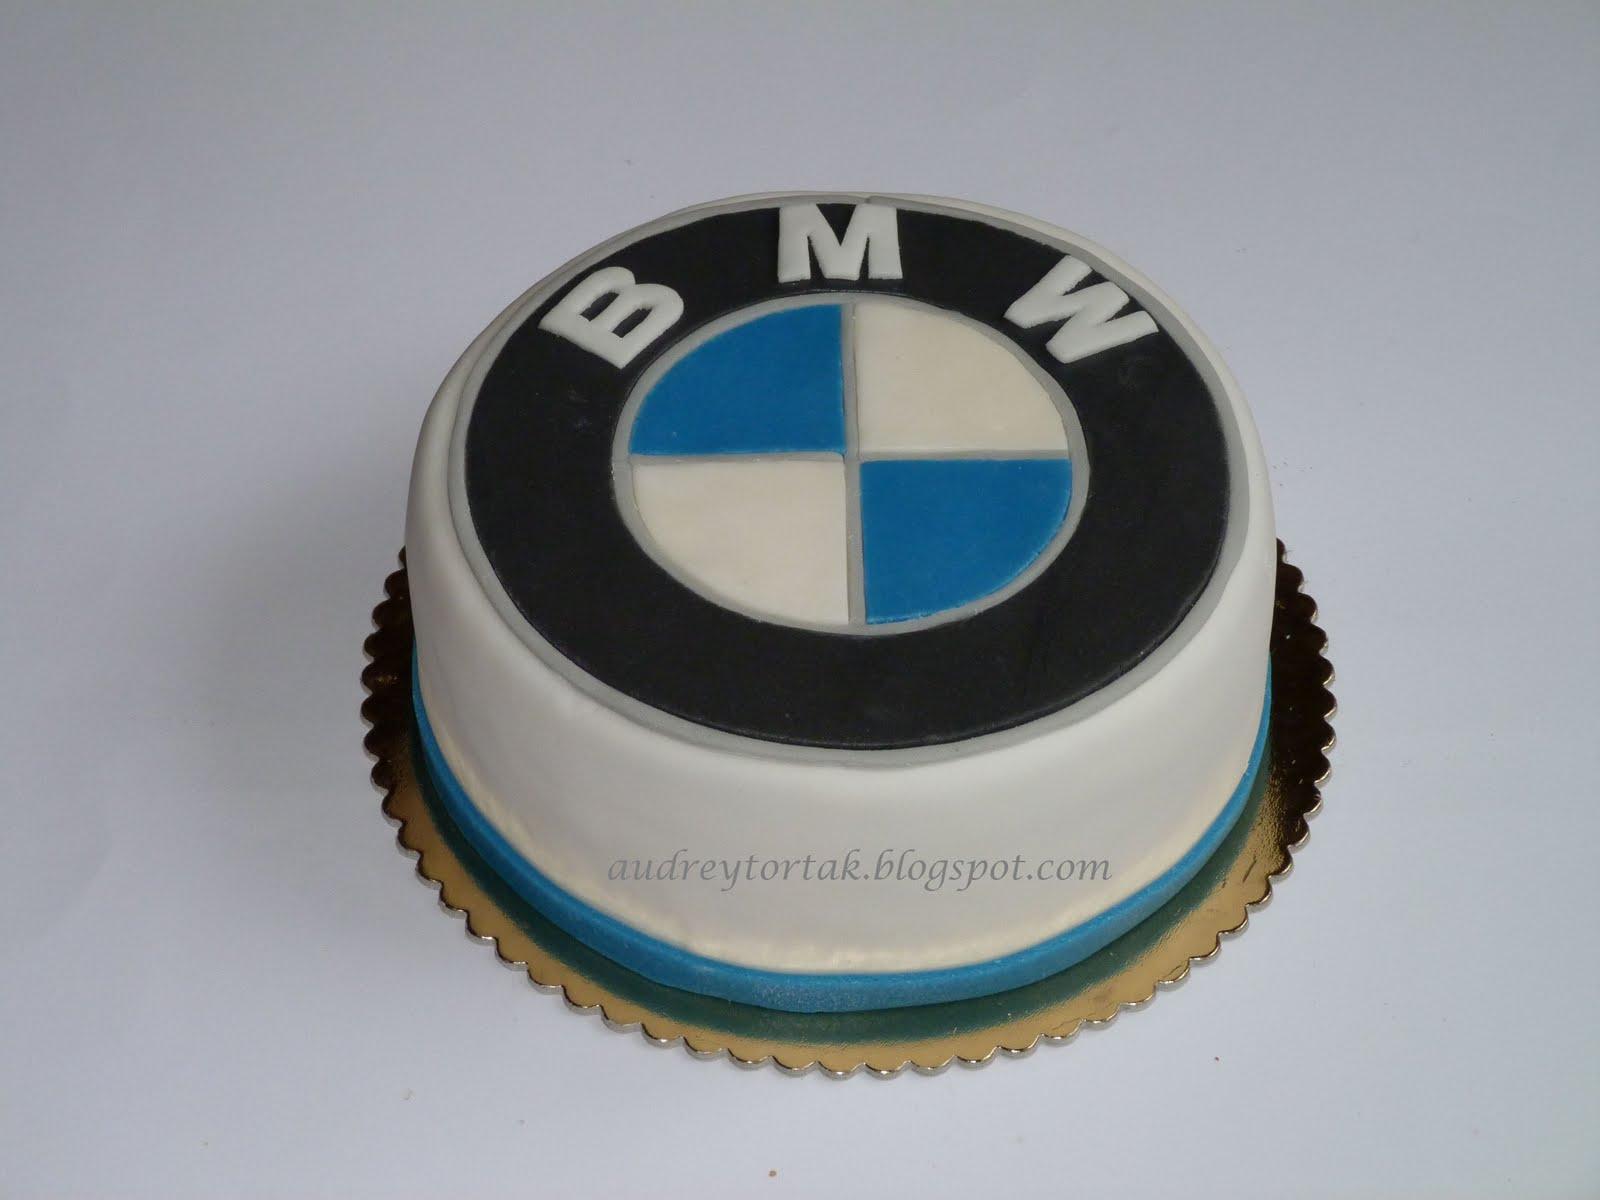 bmw torta képek Egy szelet tortát?: BMW jel torta bmw torta képek